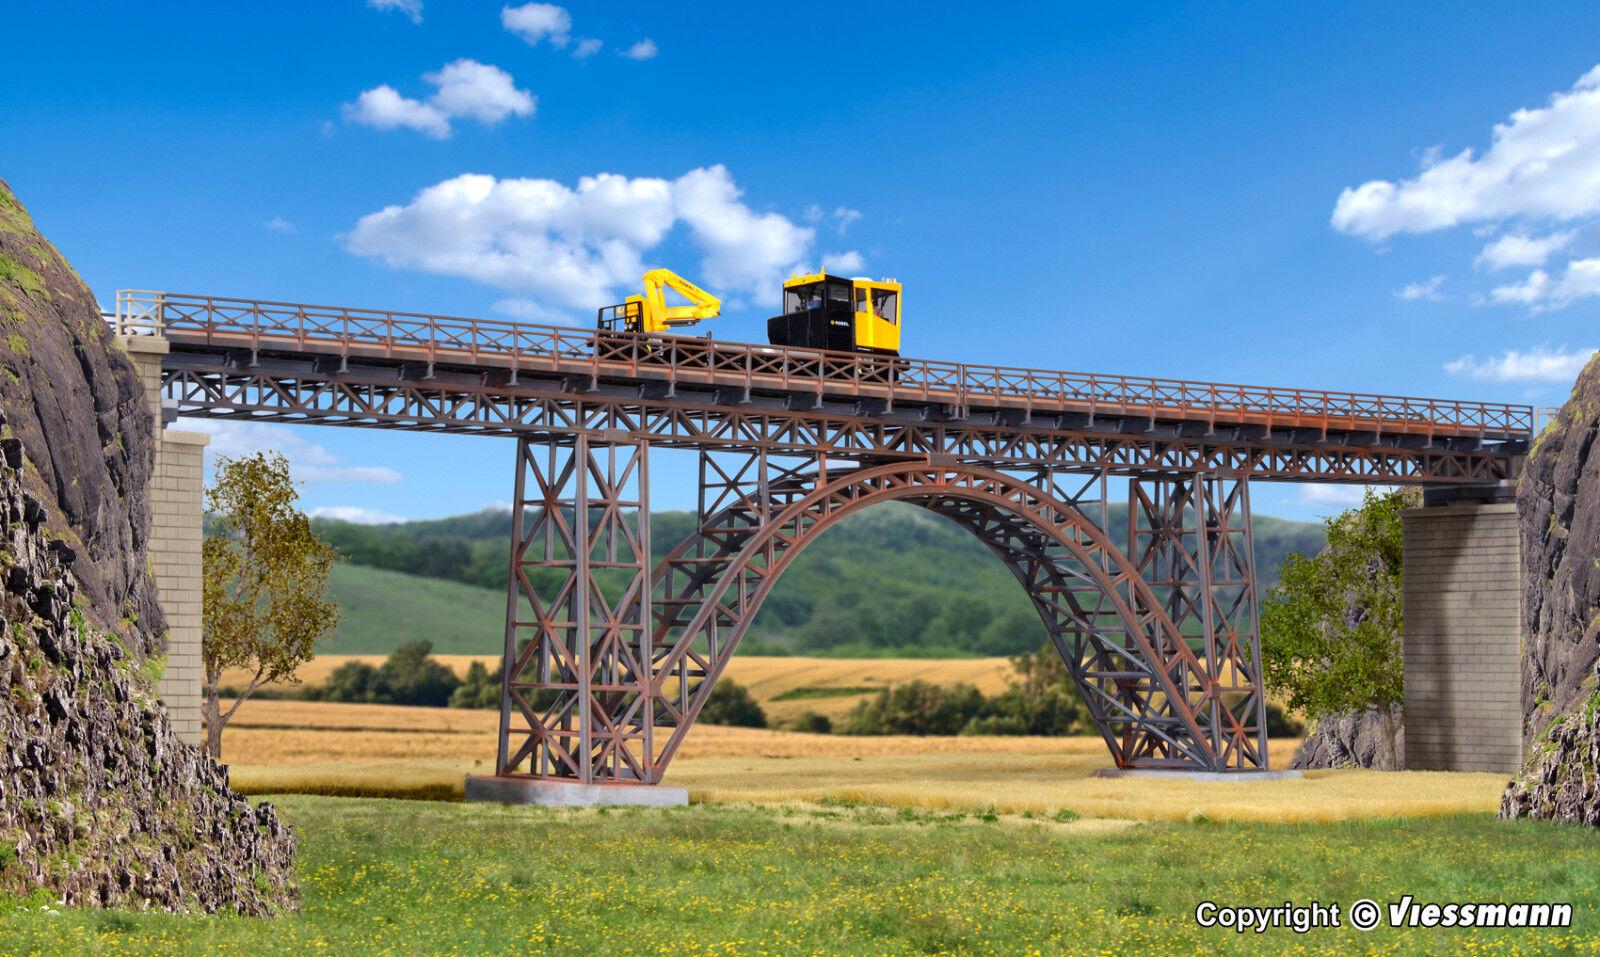 Kibri H0 39704 - Stahlträger-Viadukt Stahlträger-Viadukt Stahlträger-Viadukt Müngstertal, eingleisig   Bausatz Neuware  | Toy Story  400841